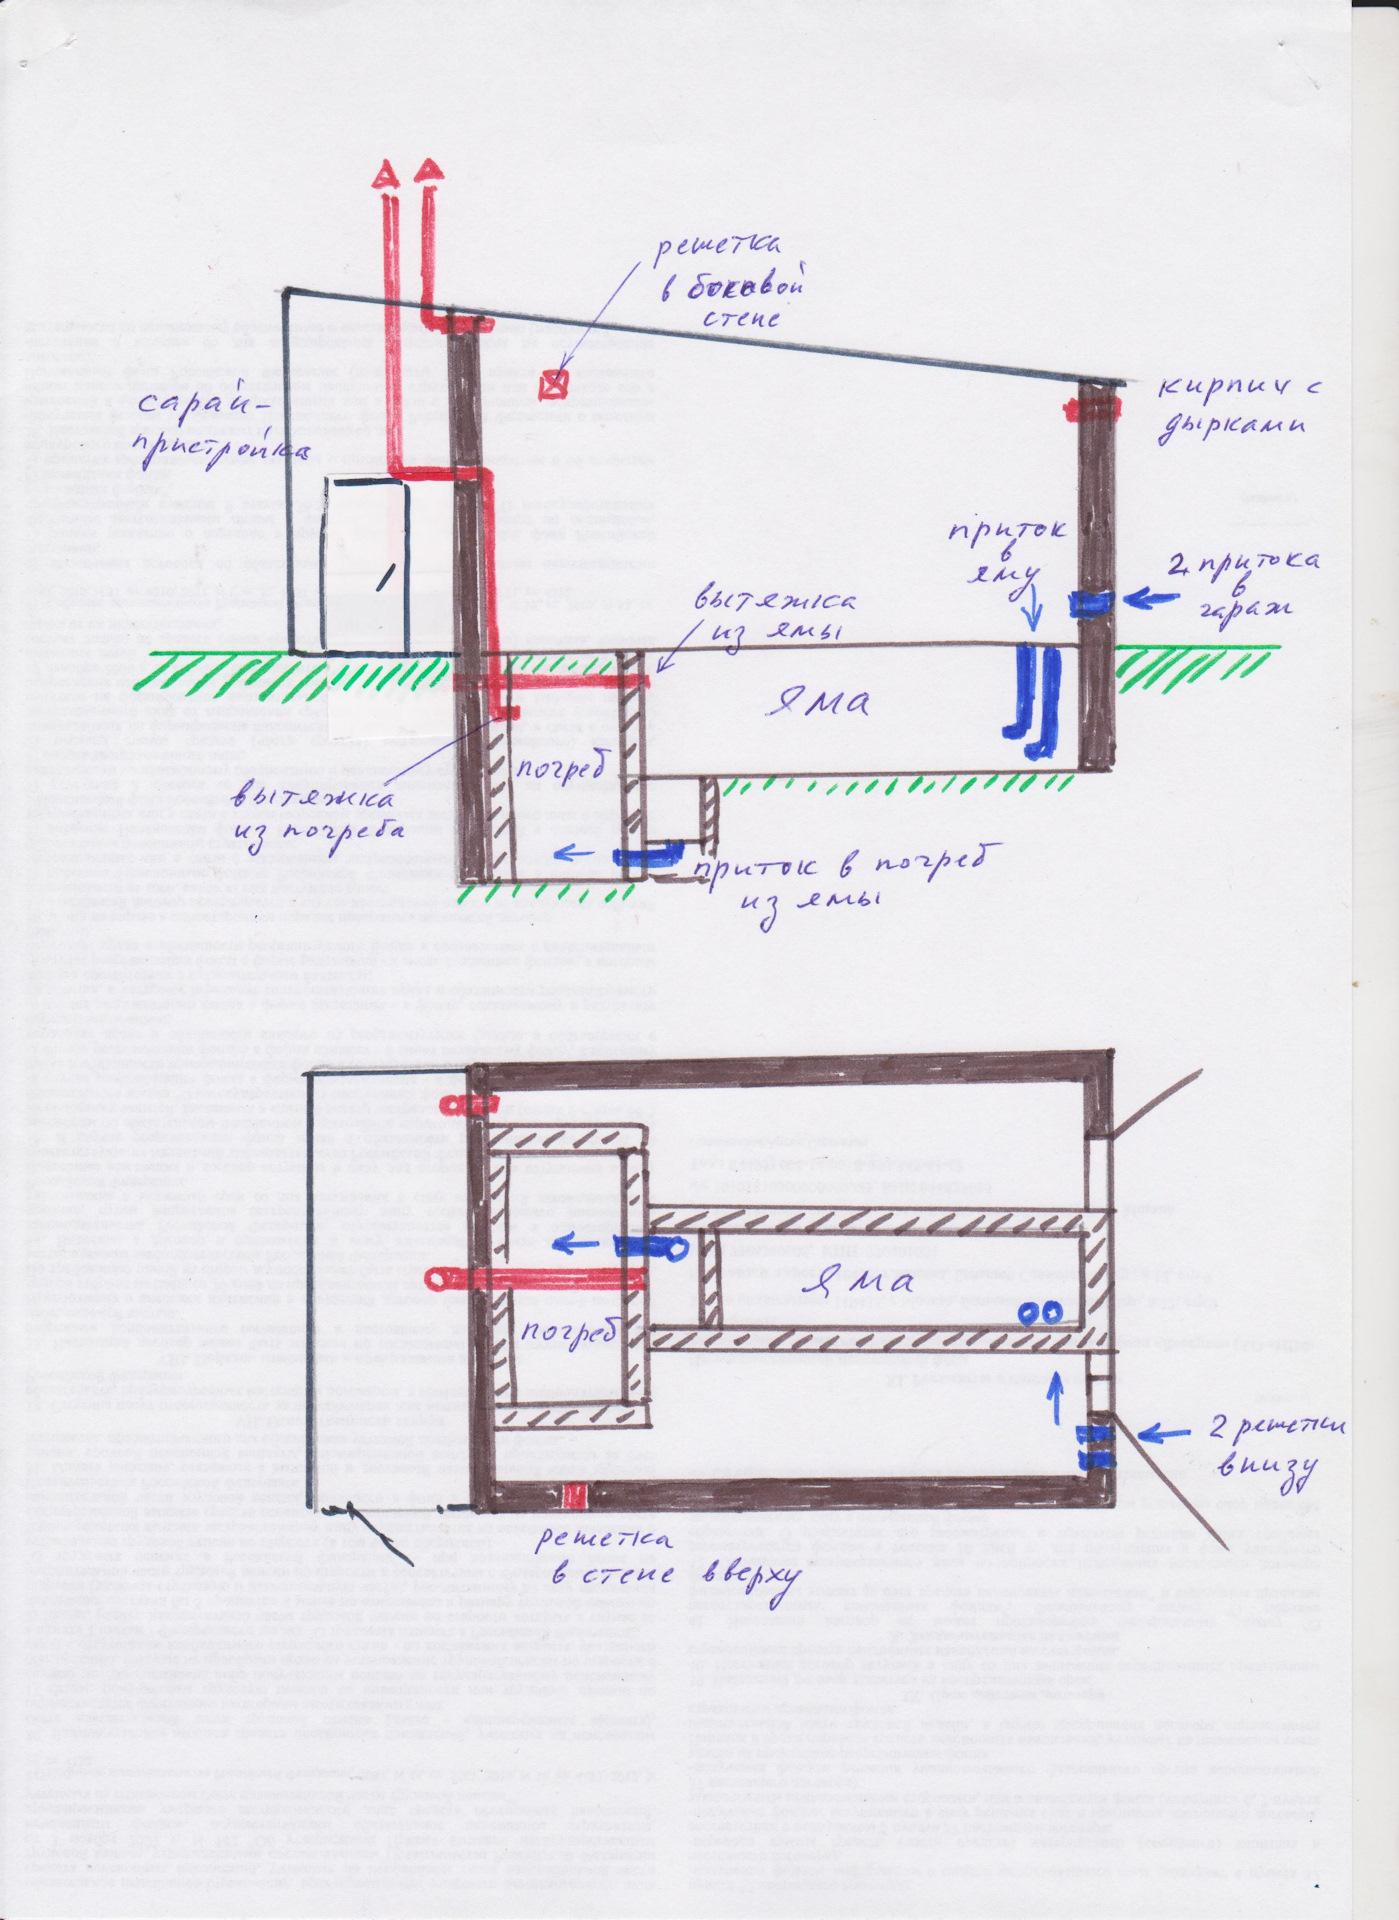 Вентиляция в овощной яме в гараже: устройство, схема,виды вытяжки